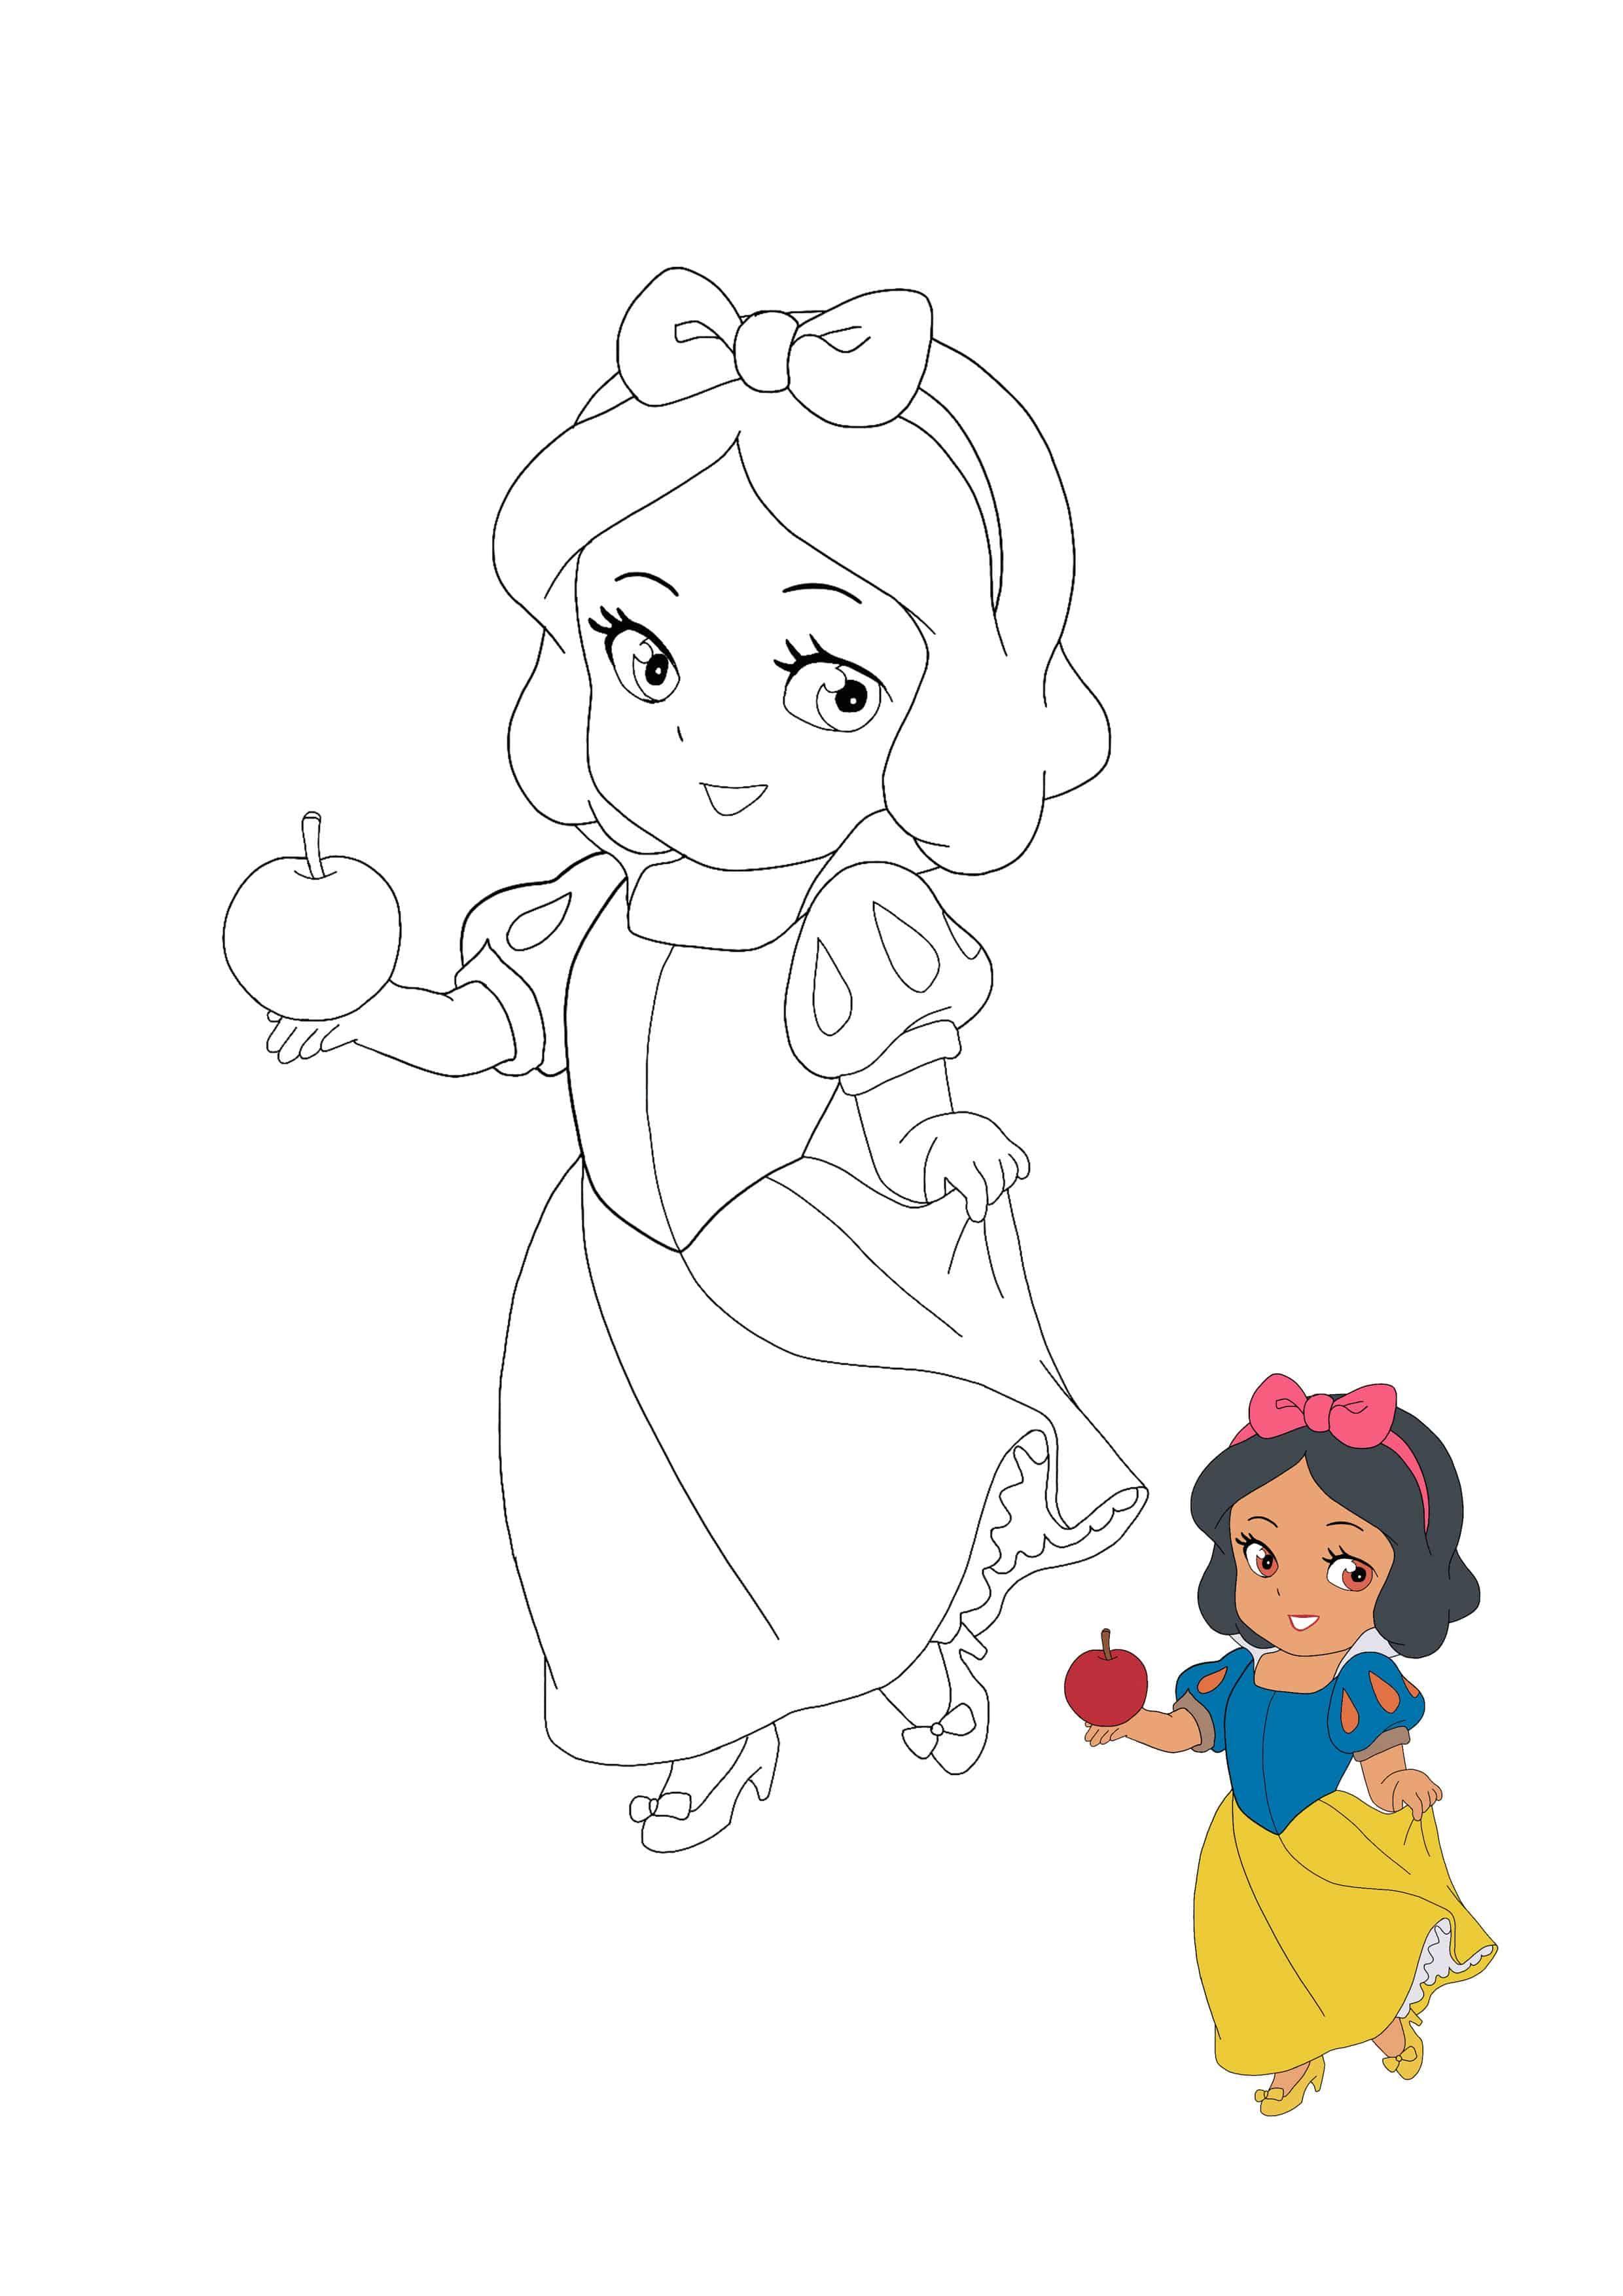 Kawaii Disney Princess Snow White Coloring Page With Preview Disney Coloring Pages Coloring Pages Free Printable Coloring Sheets